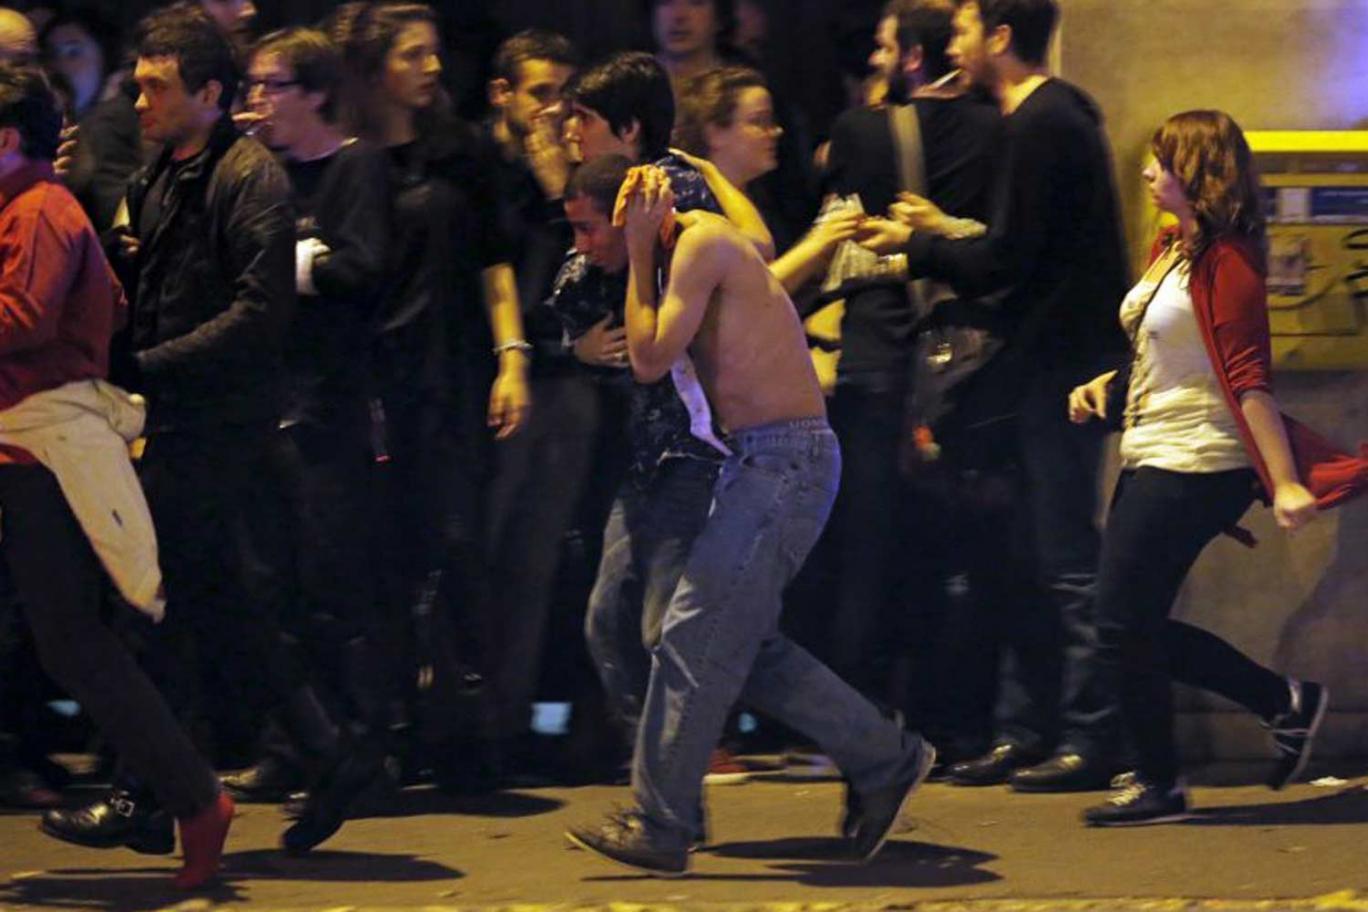 TEROARE LA PARIS. Unul dintre teroriști a intrat cu valul de refugiați prin Grecia